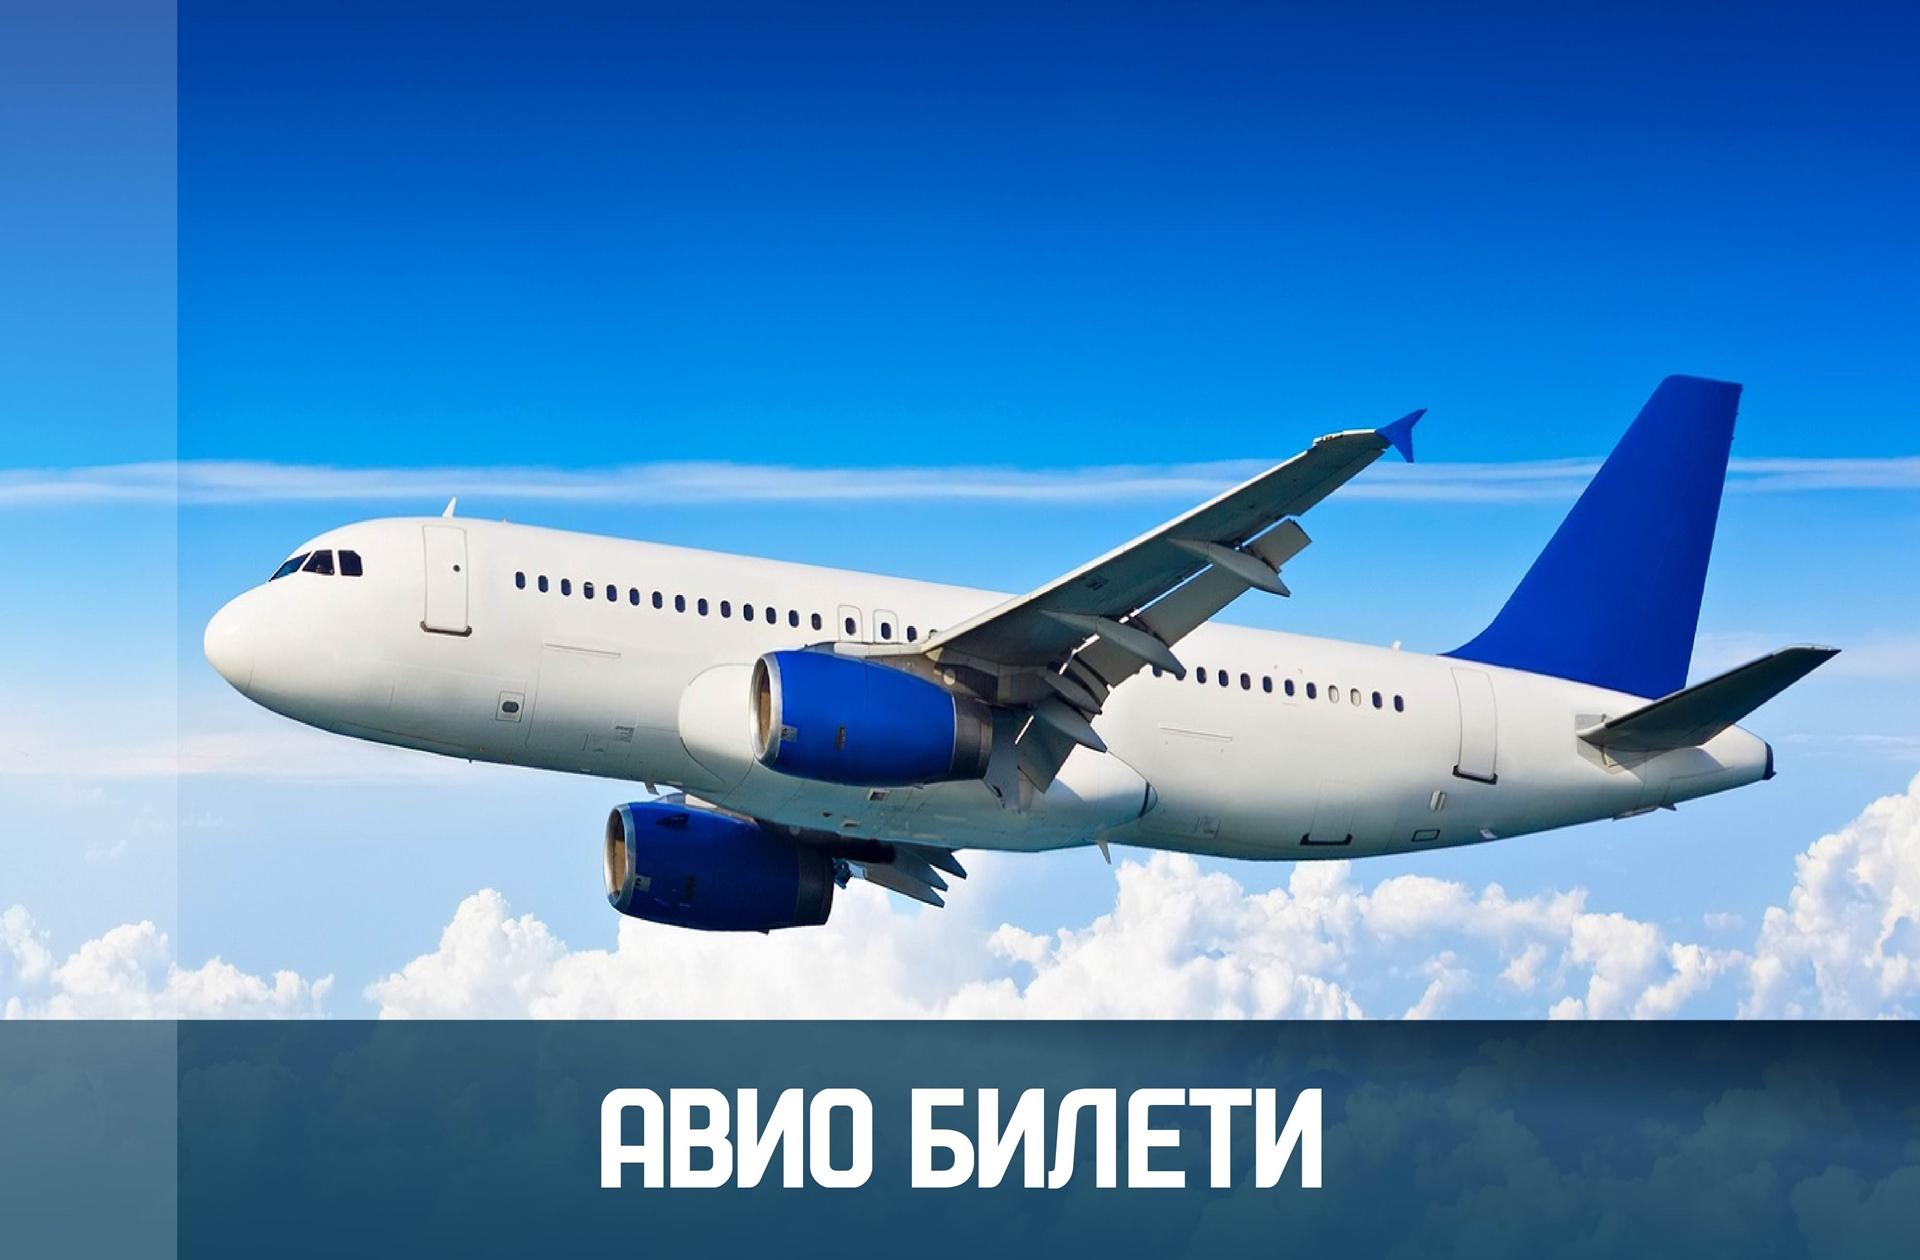 Нехар авио билети